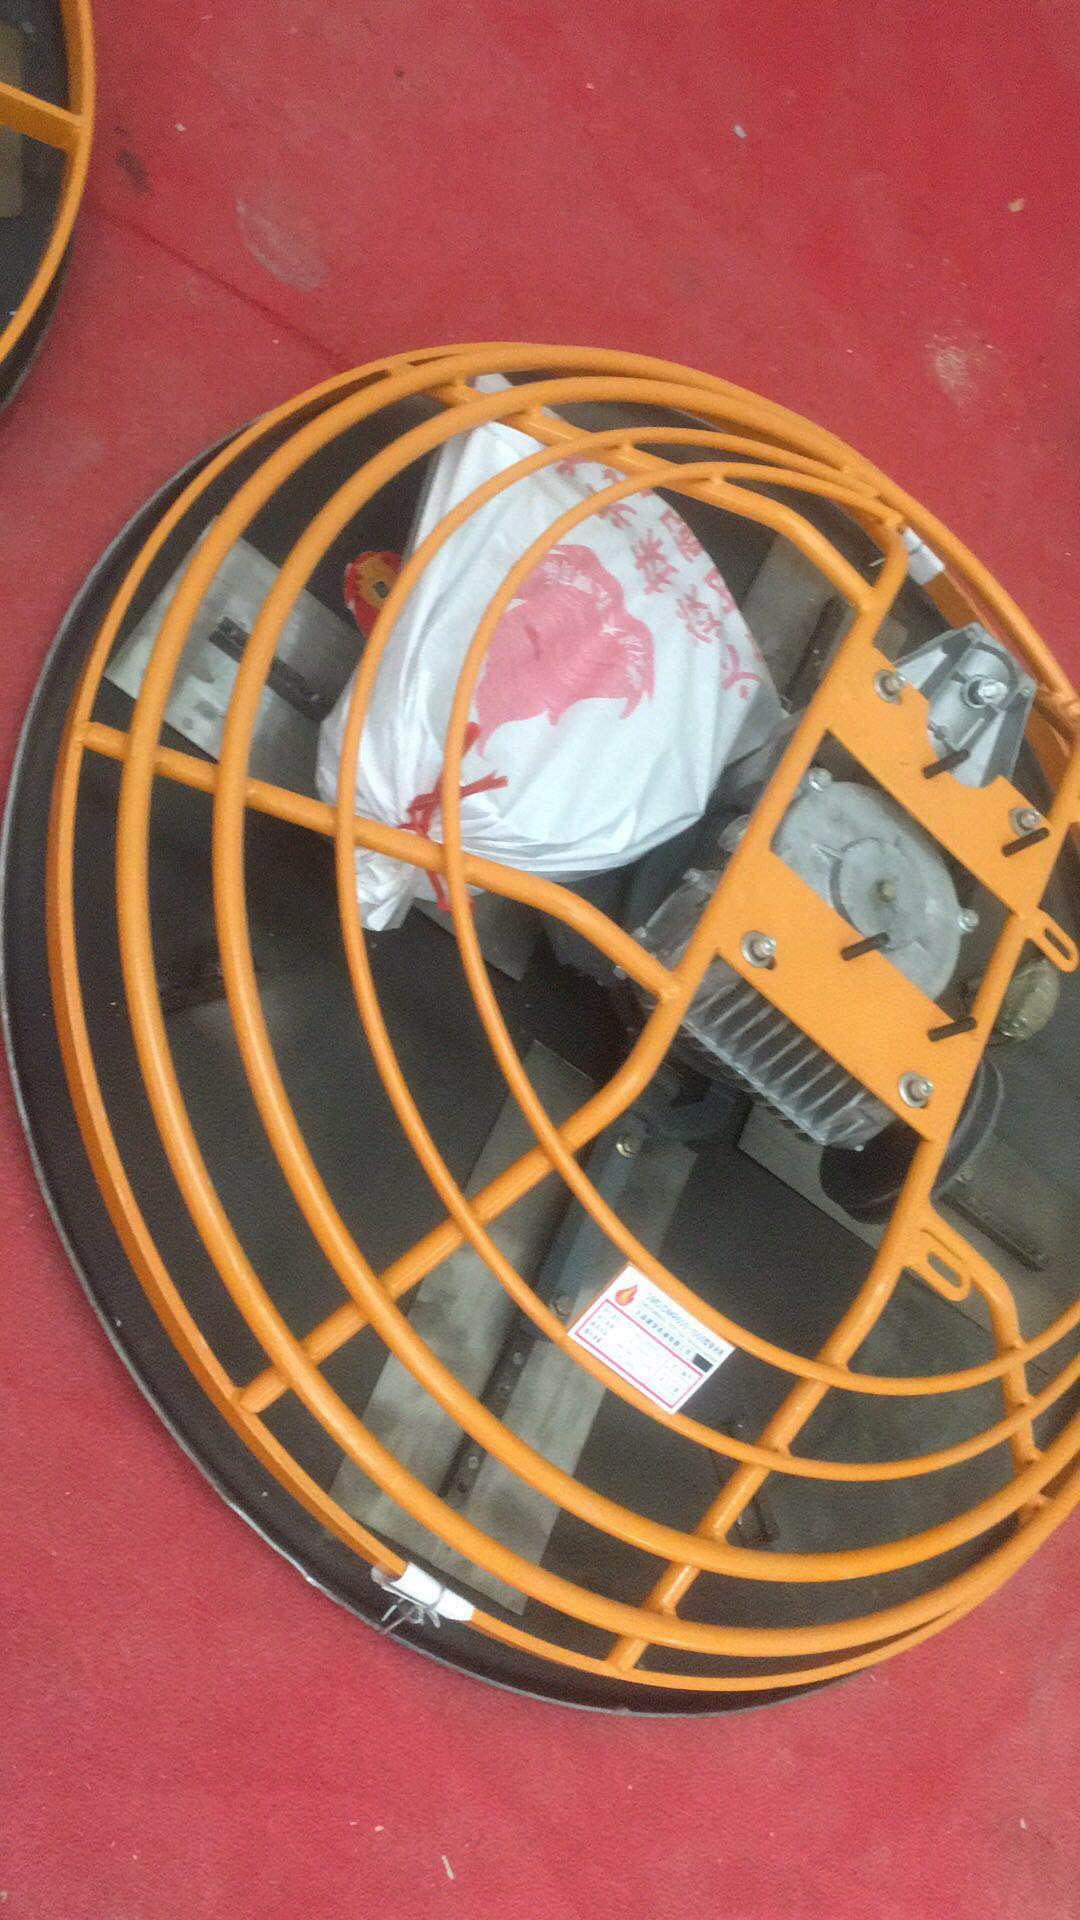 抹光机圆盘